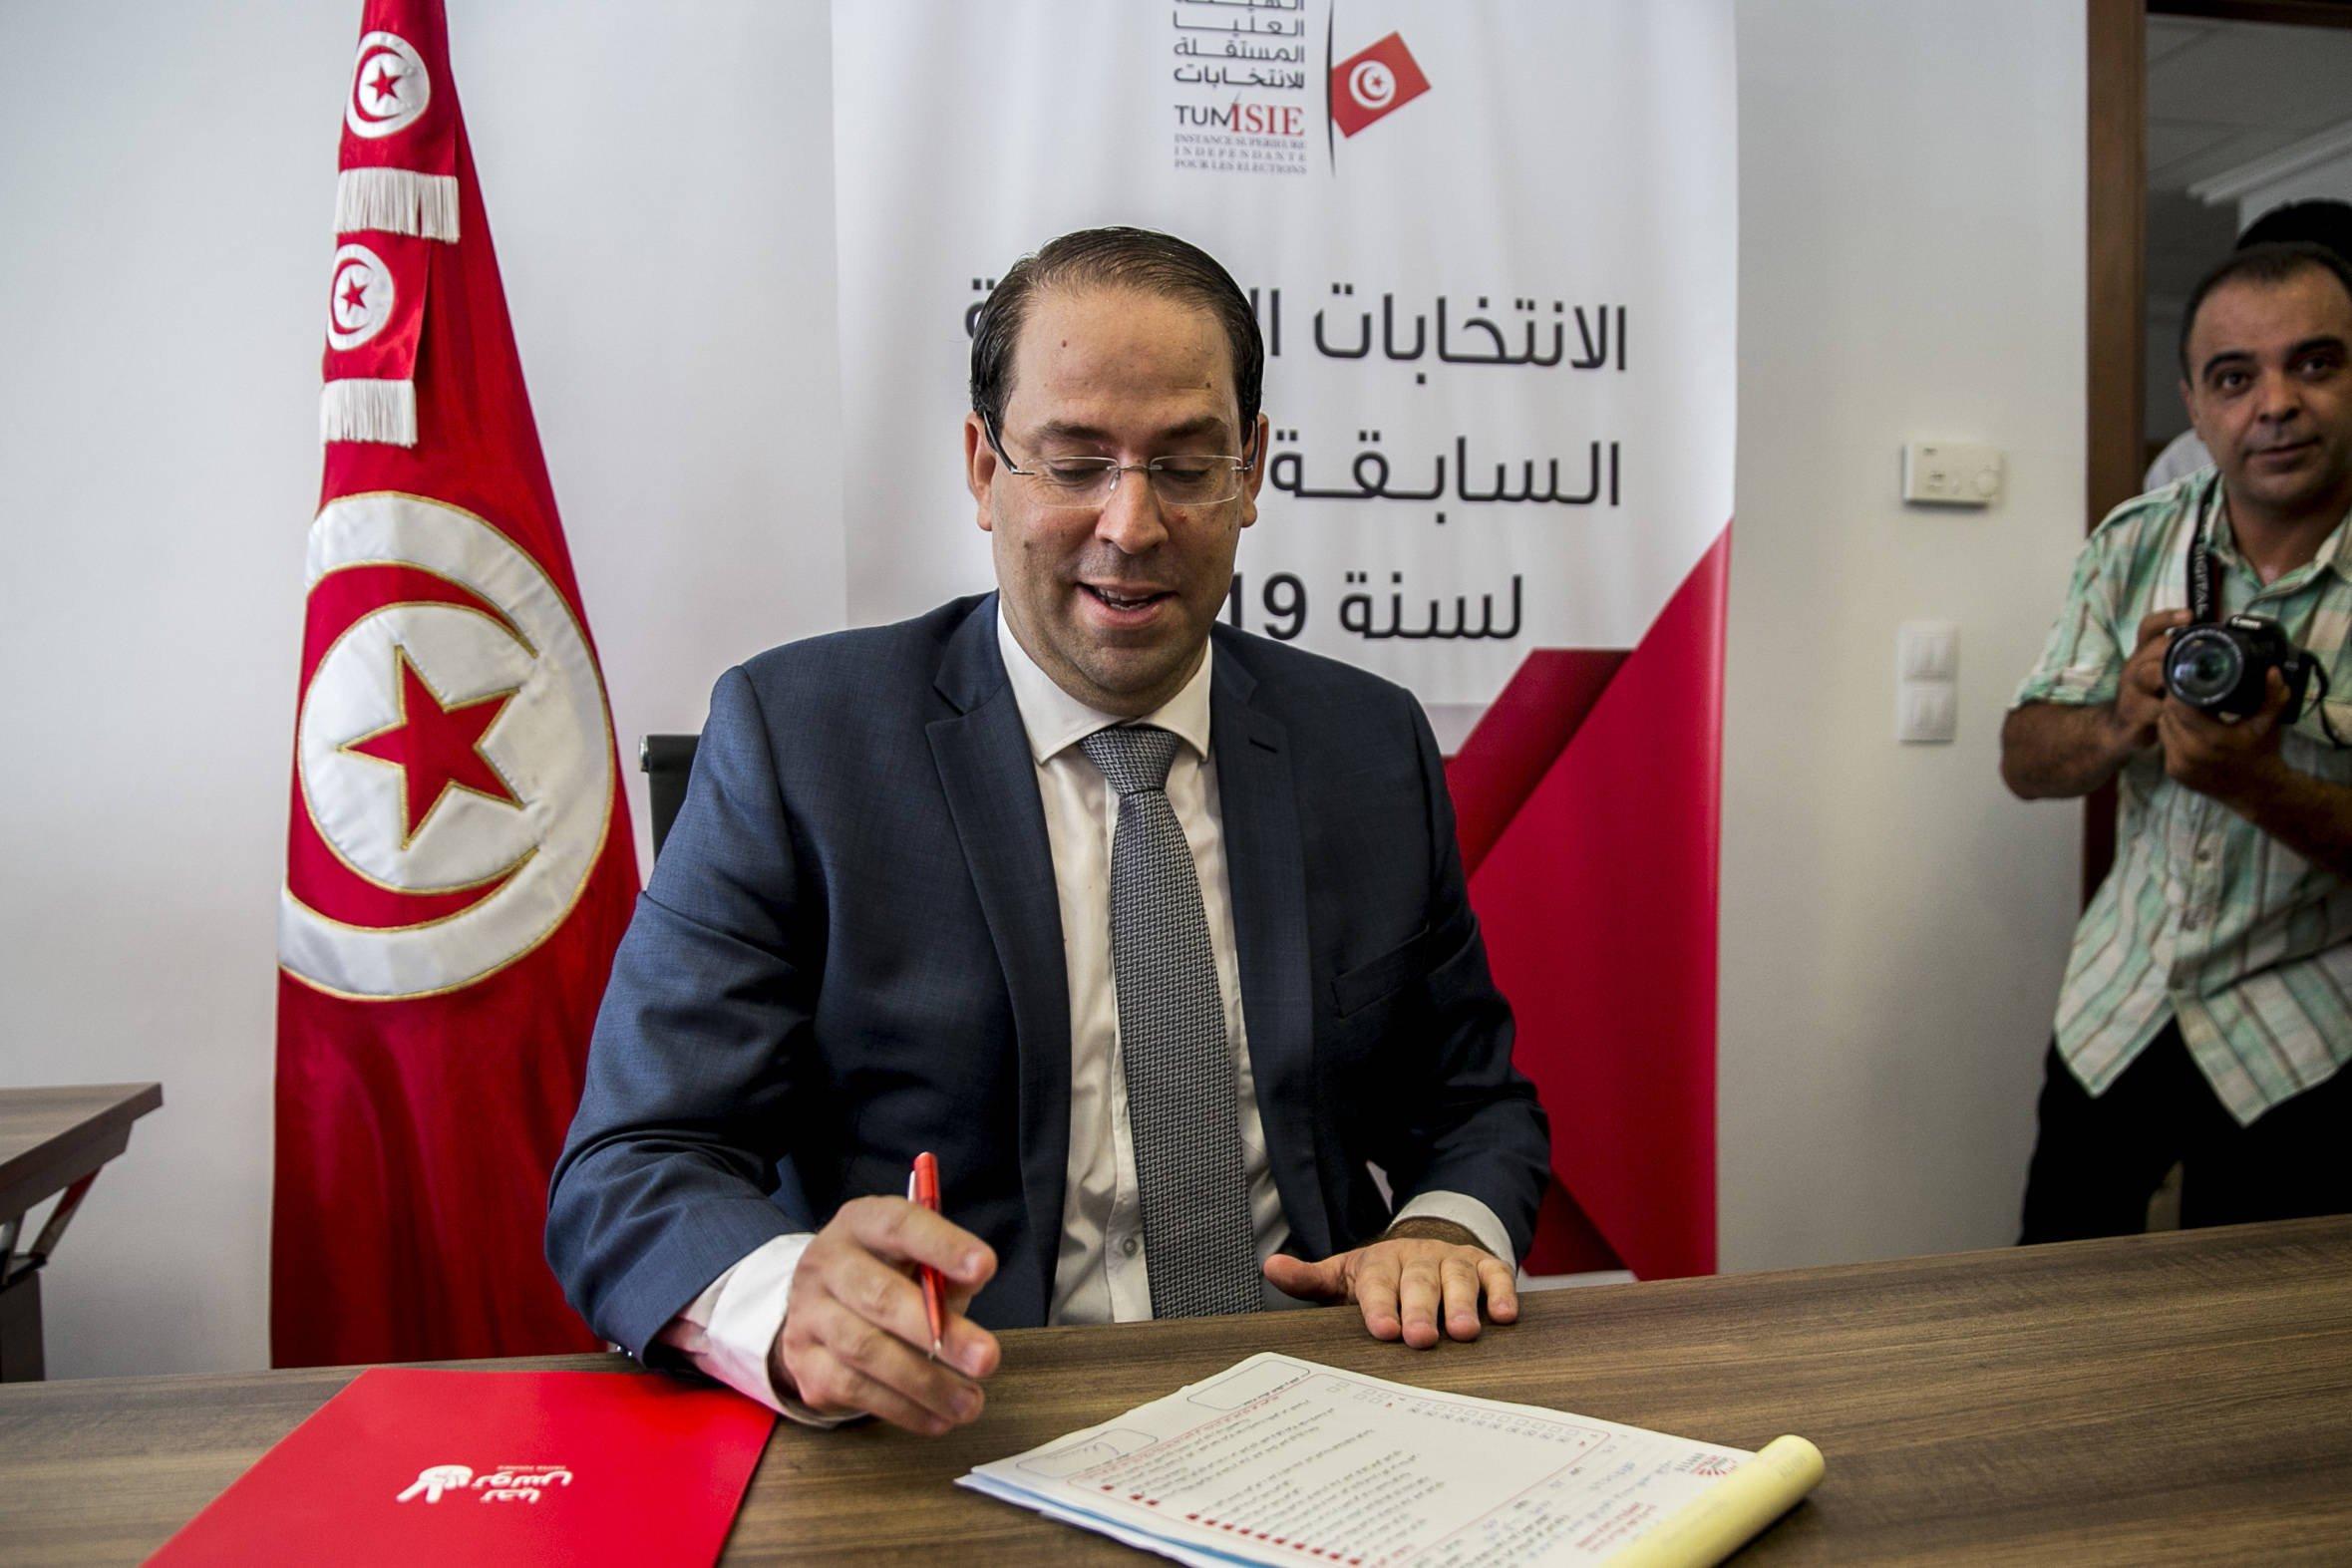 Le chef du gouvernement Youssef Chahed déposant sa candidature à l'élection présidentielle, vendredi 9 août 2019 à Tunis.